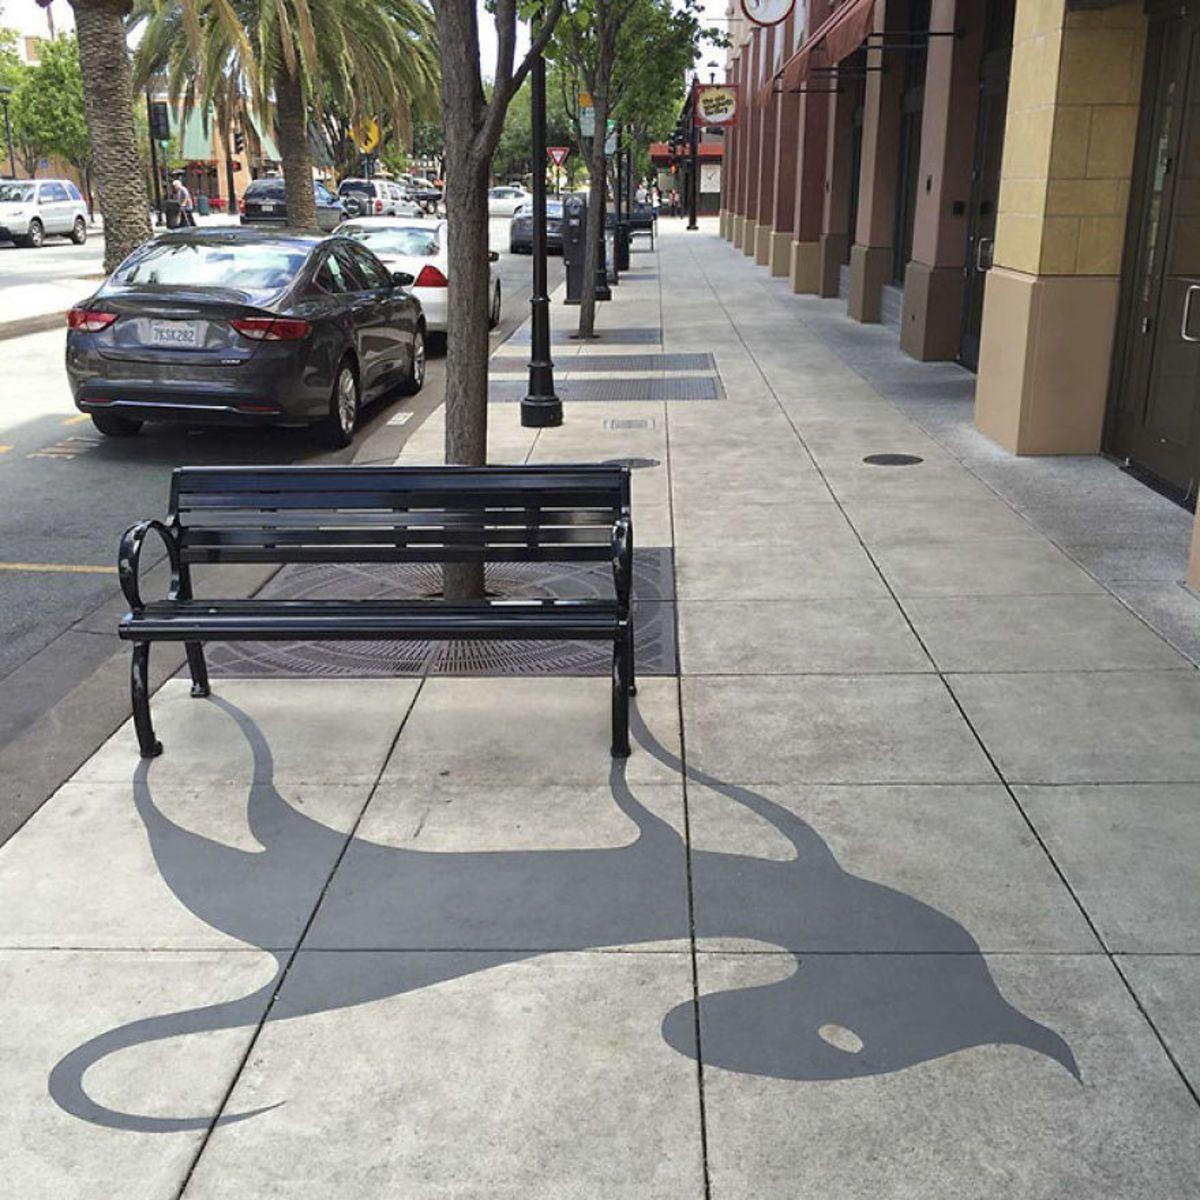 Artist Paints Fake Shadows Onto Sidewalks Leaving People Seriously - Artist paints fake shadows onto sidewalks leaving people seriously confused